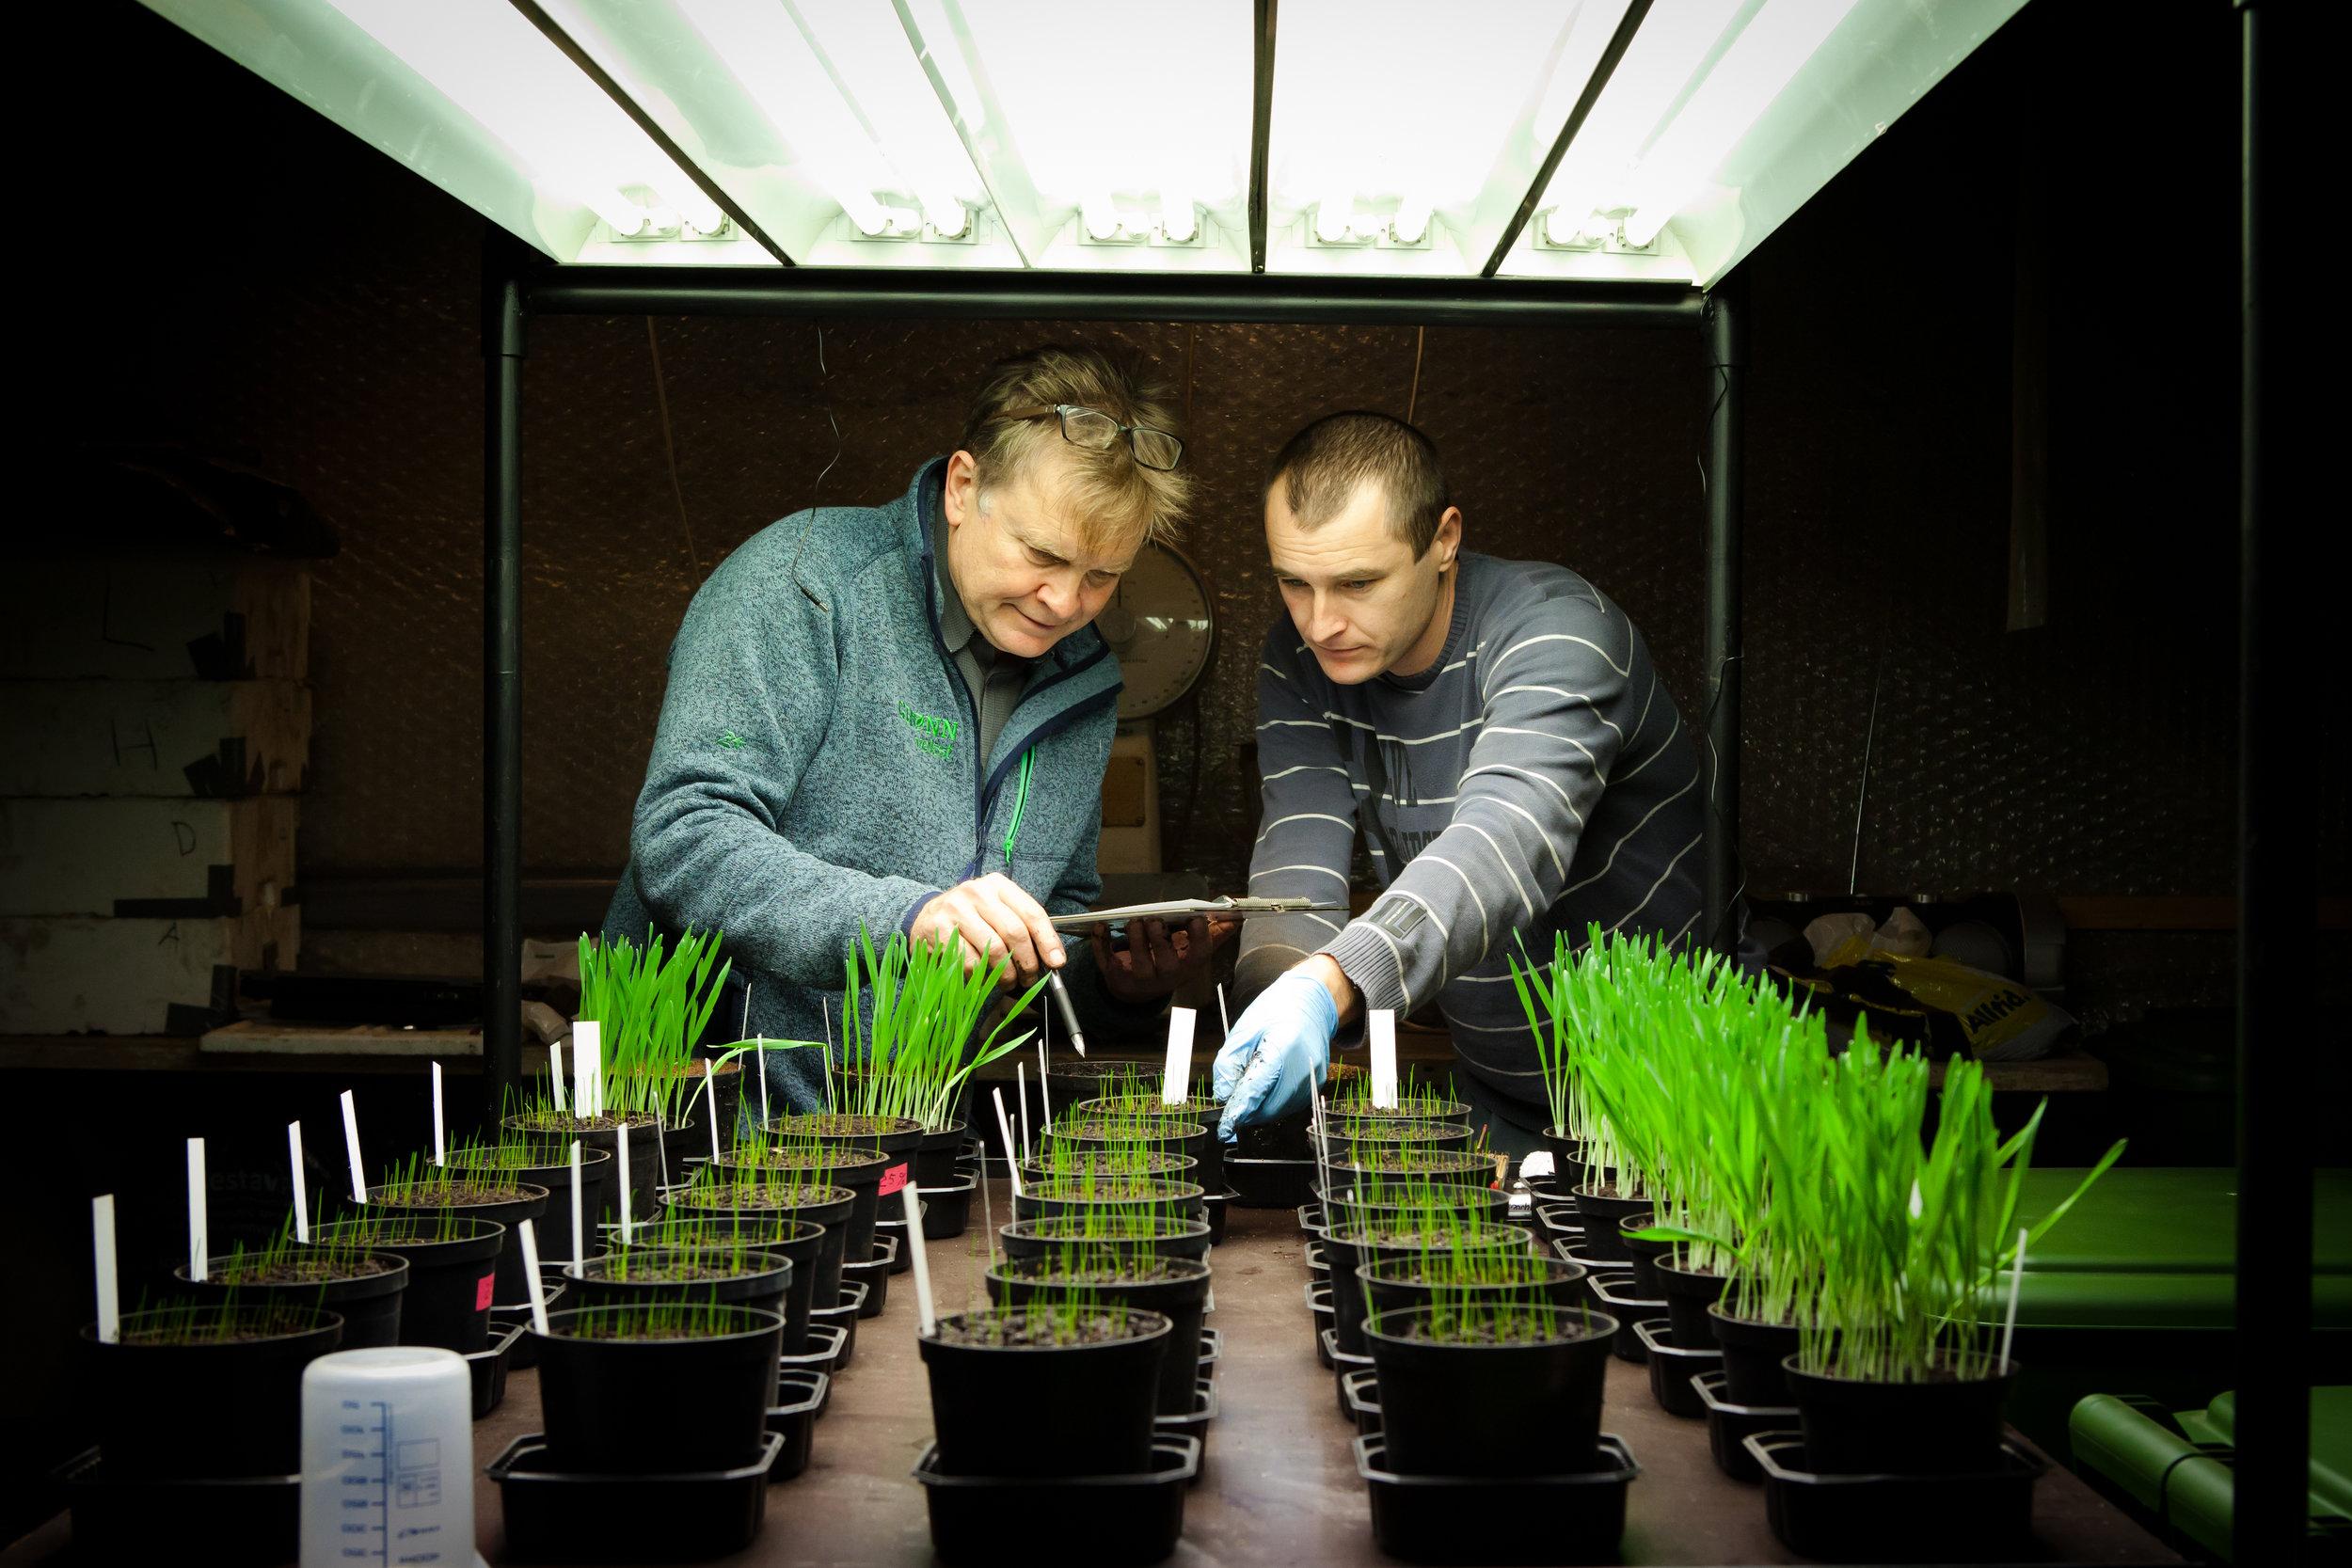 Grønn vekst - From garden waste to soil